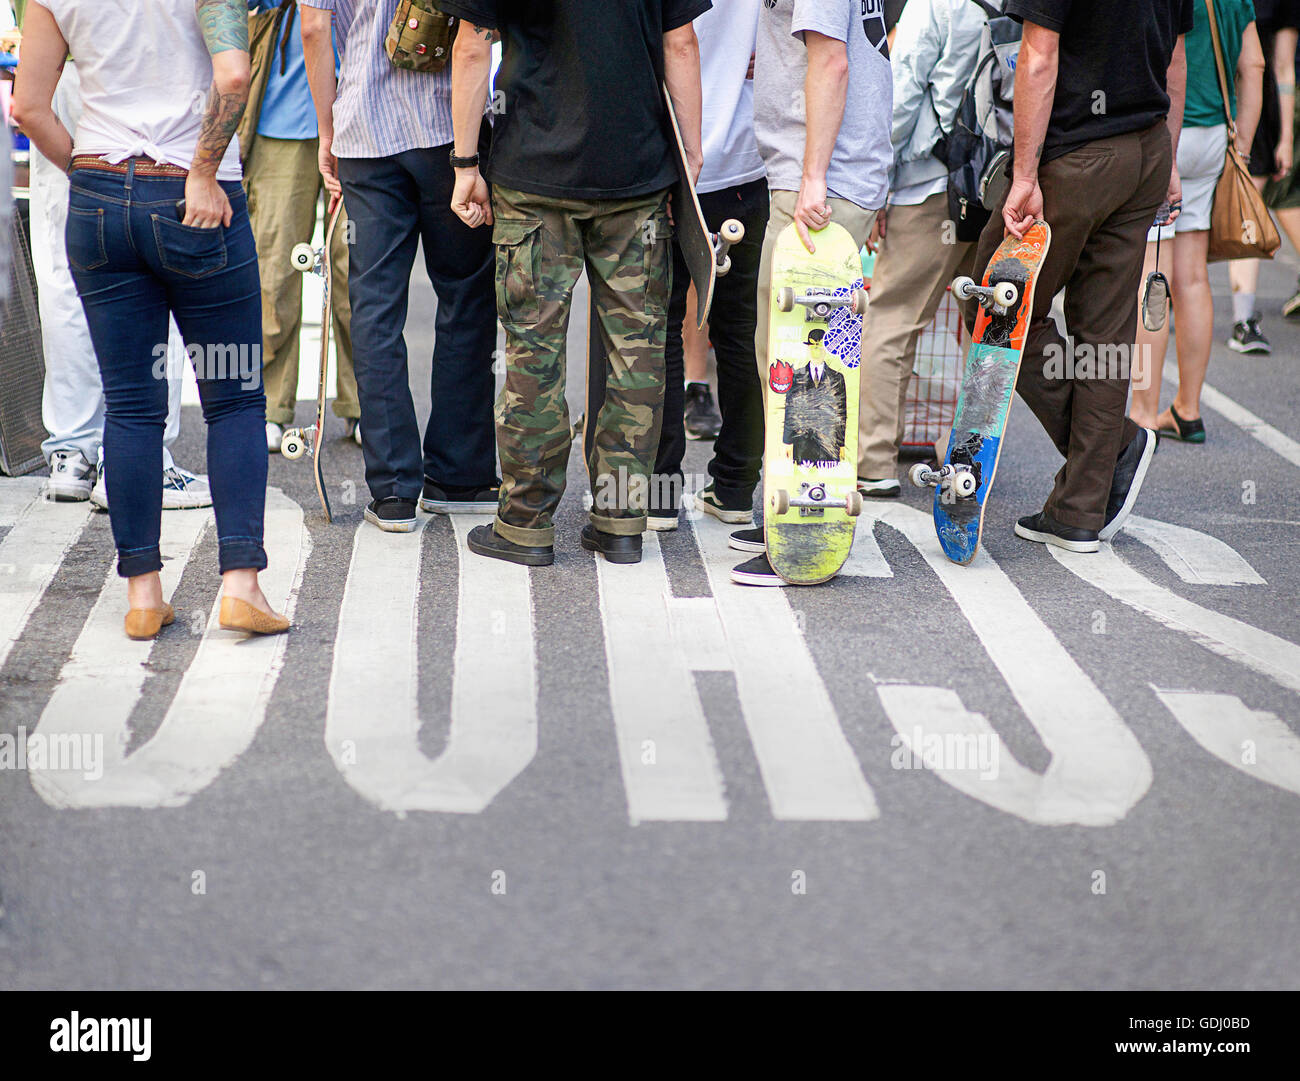 Un gruppo di skateboarders appendere fuori a New York. Immagini Stock